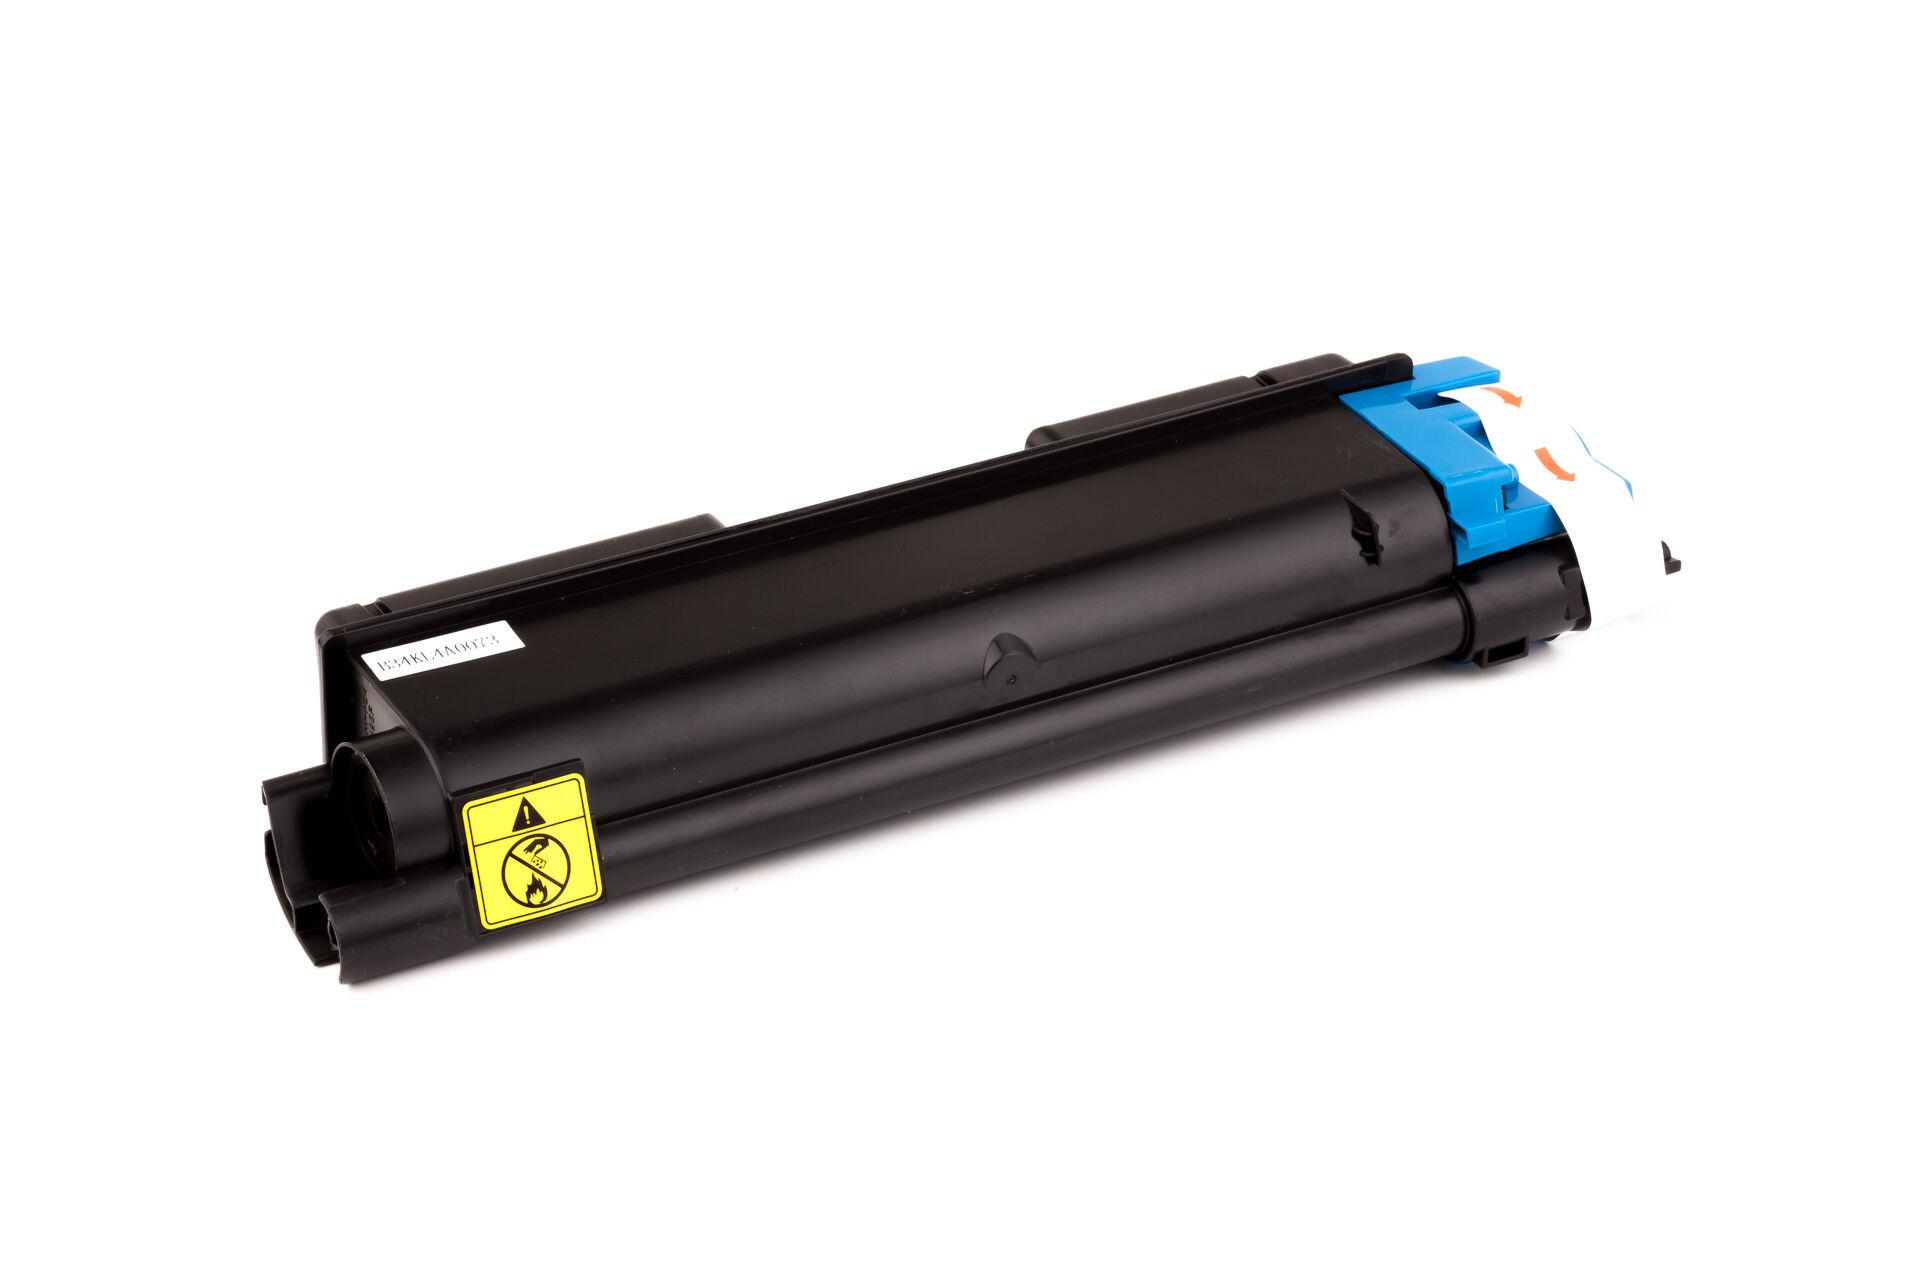 Kyocera Cartouche de Toner pour Kyocera 1T02KVCNL0 / TK-590 C cyan compatible (de marque ASC)